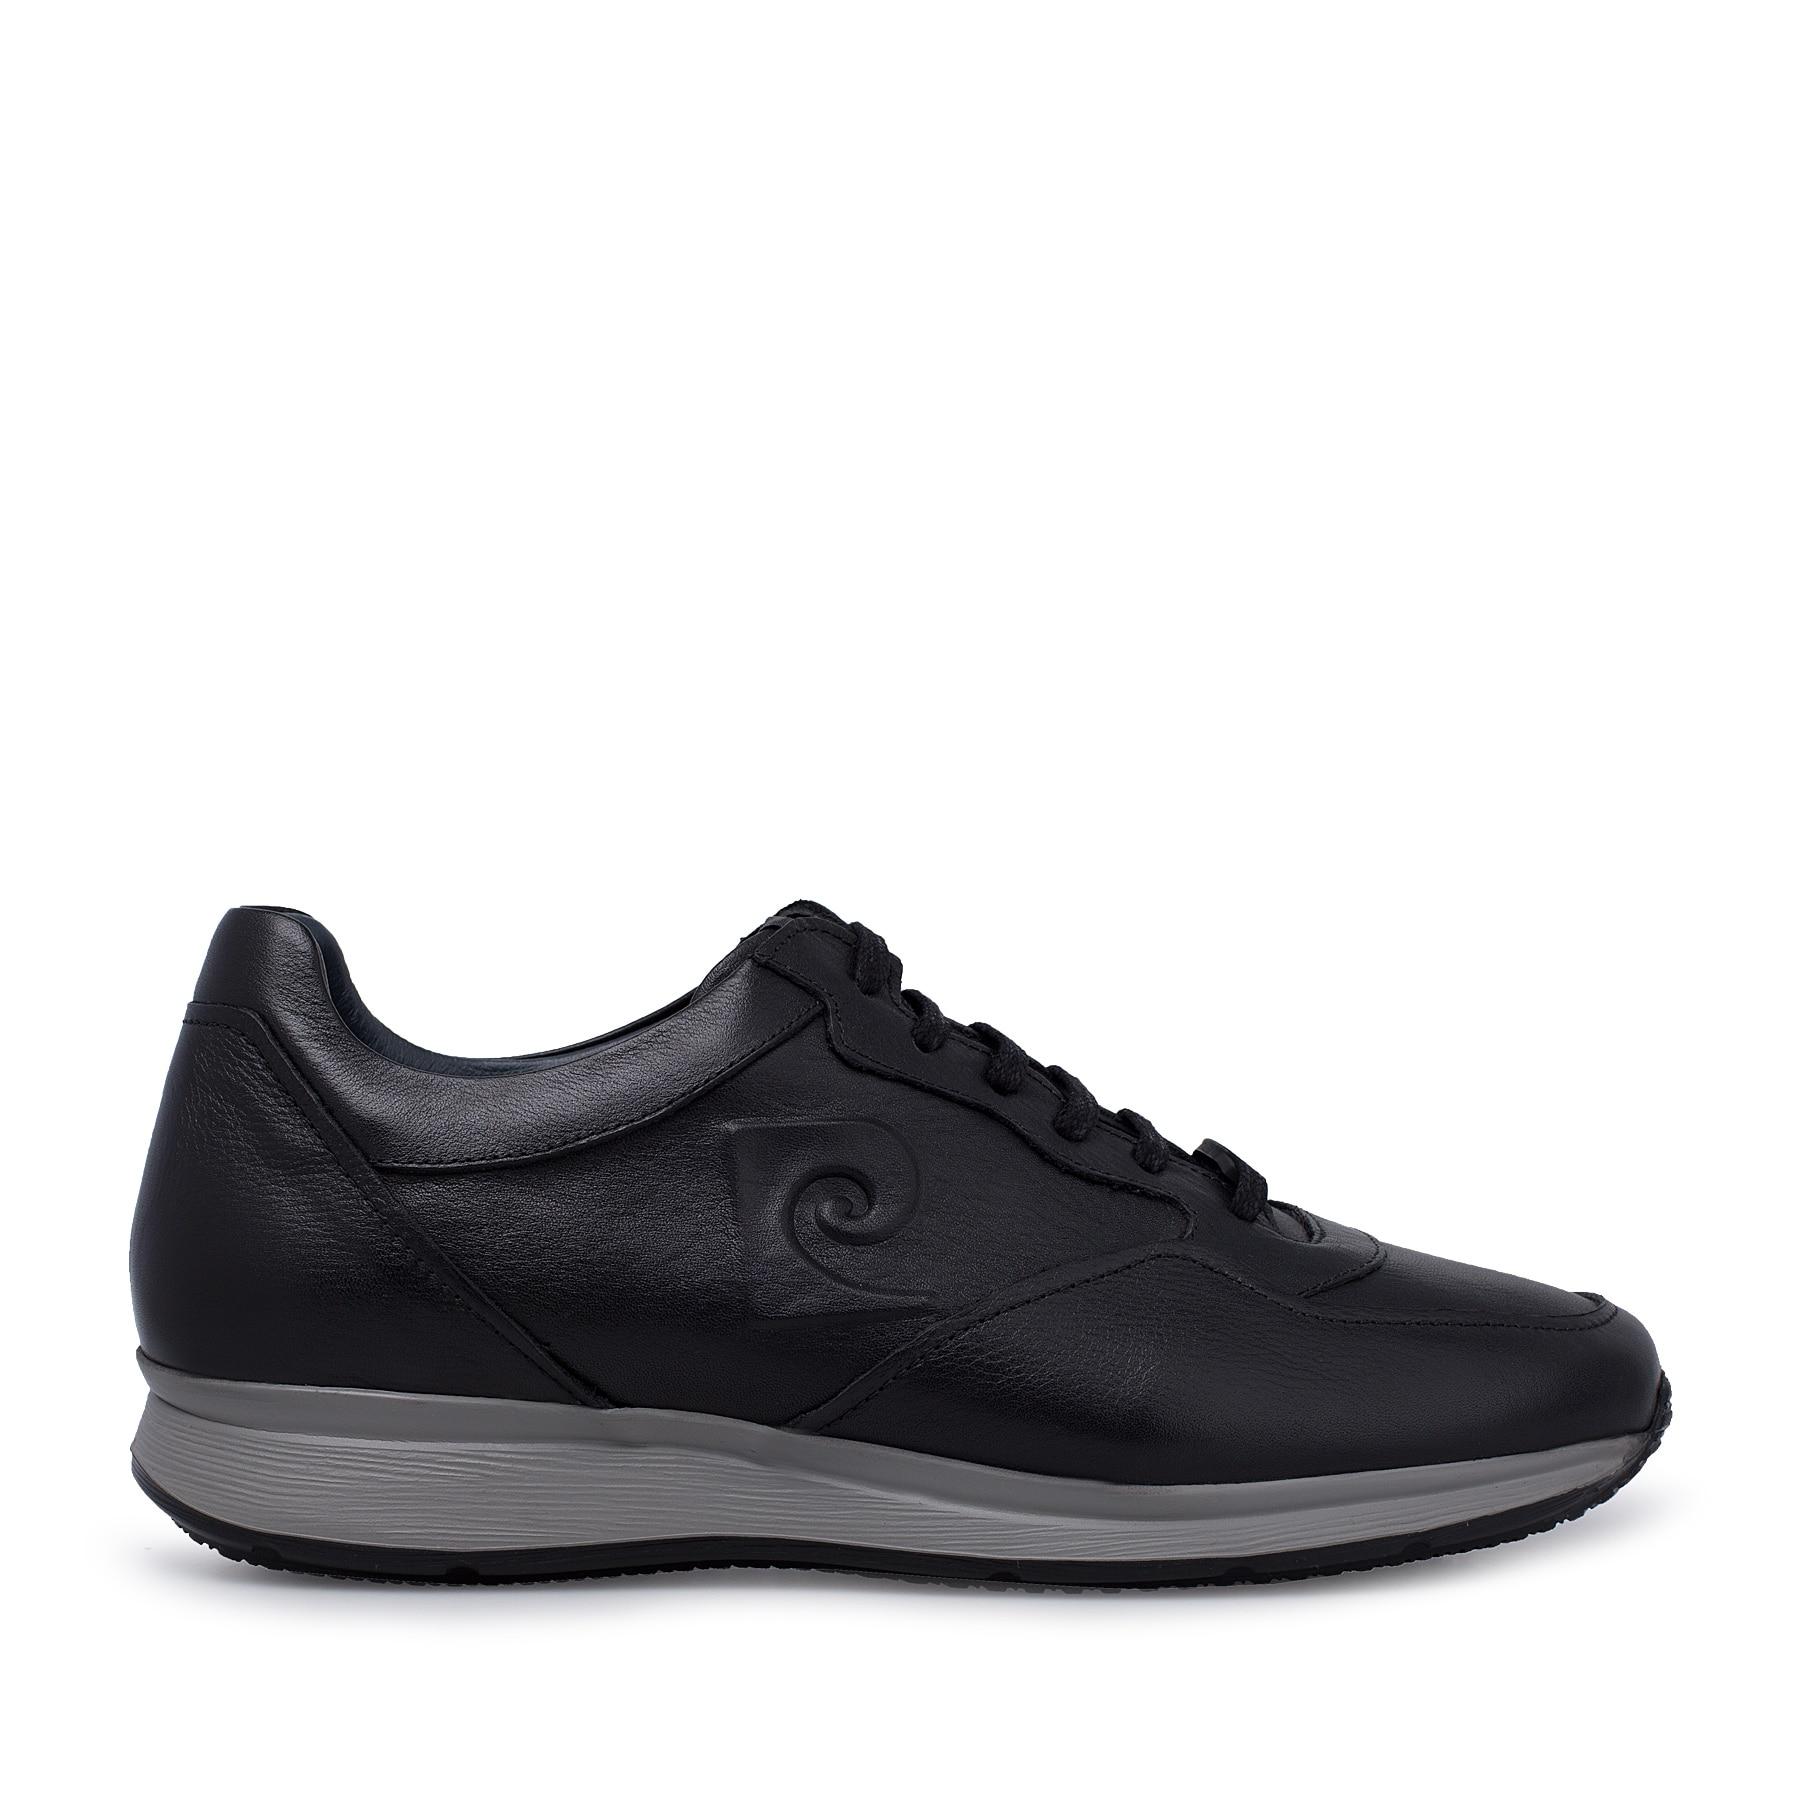 Pierre Cardin Shoes MALE SHOES 0731102775C